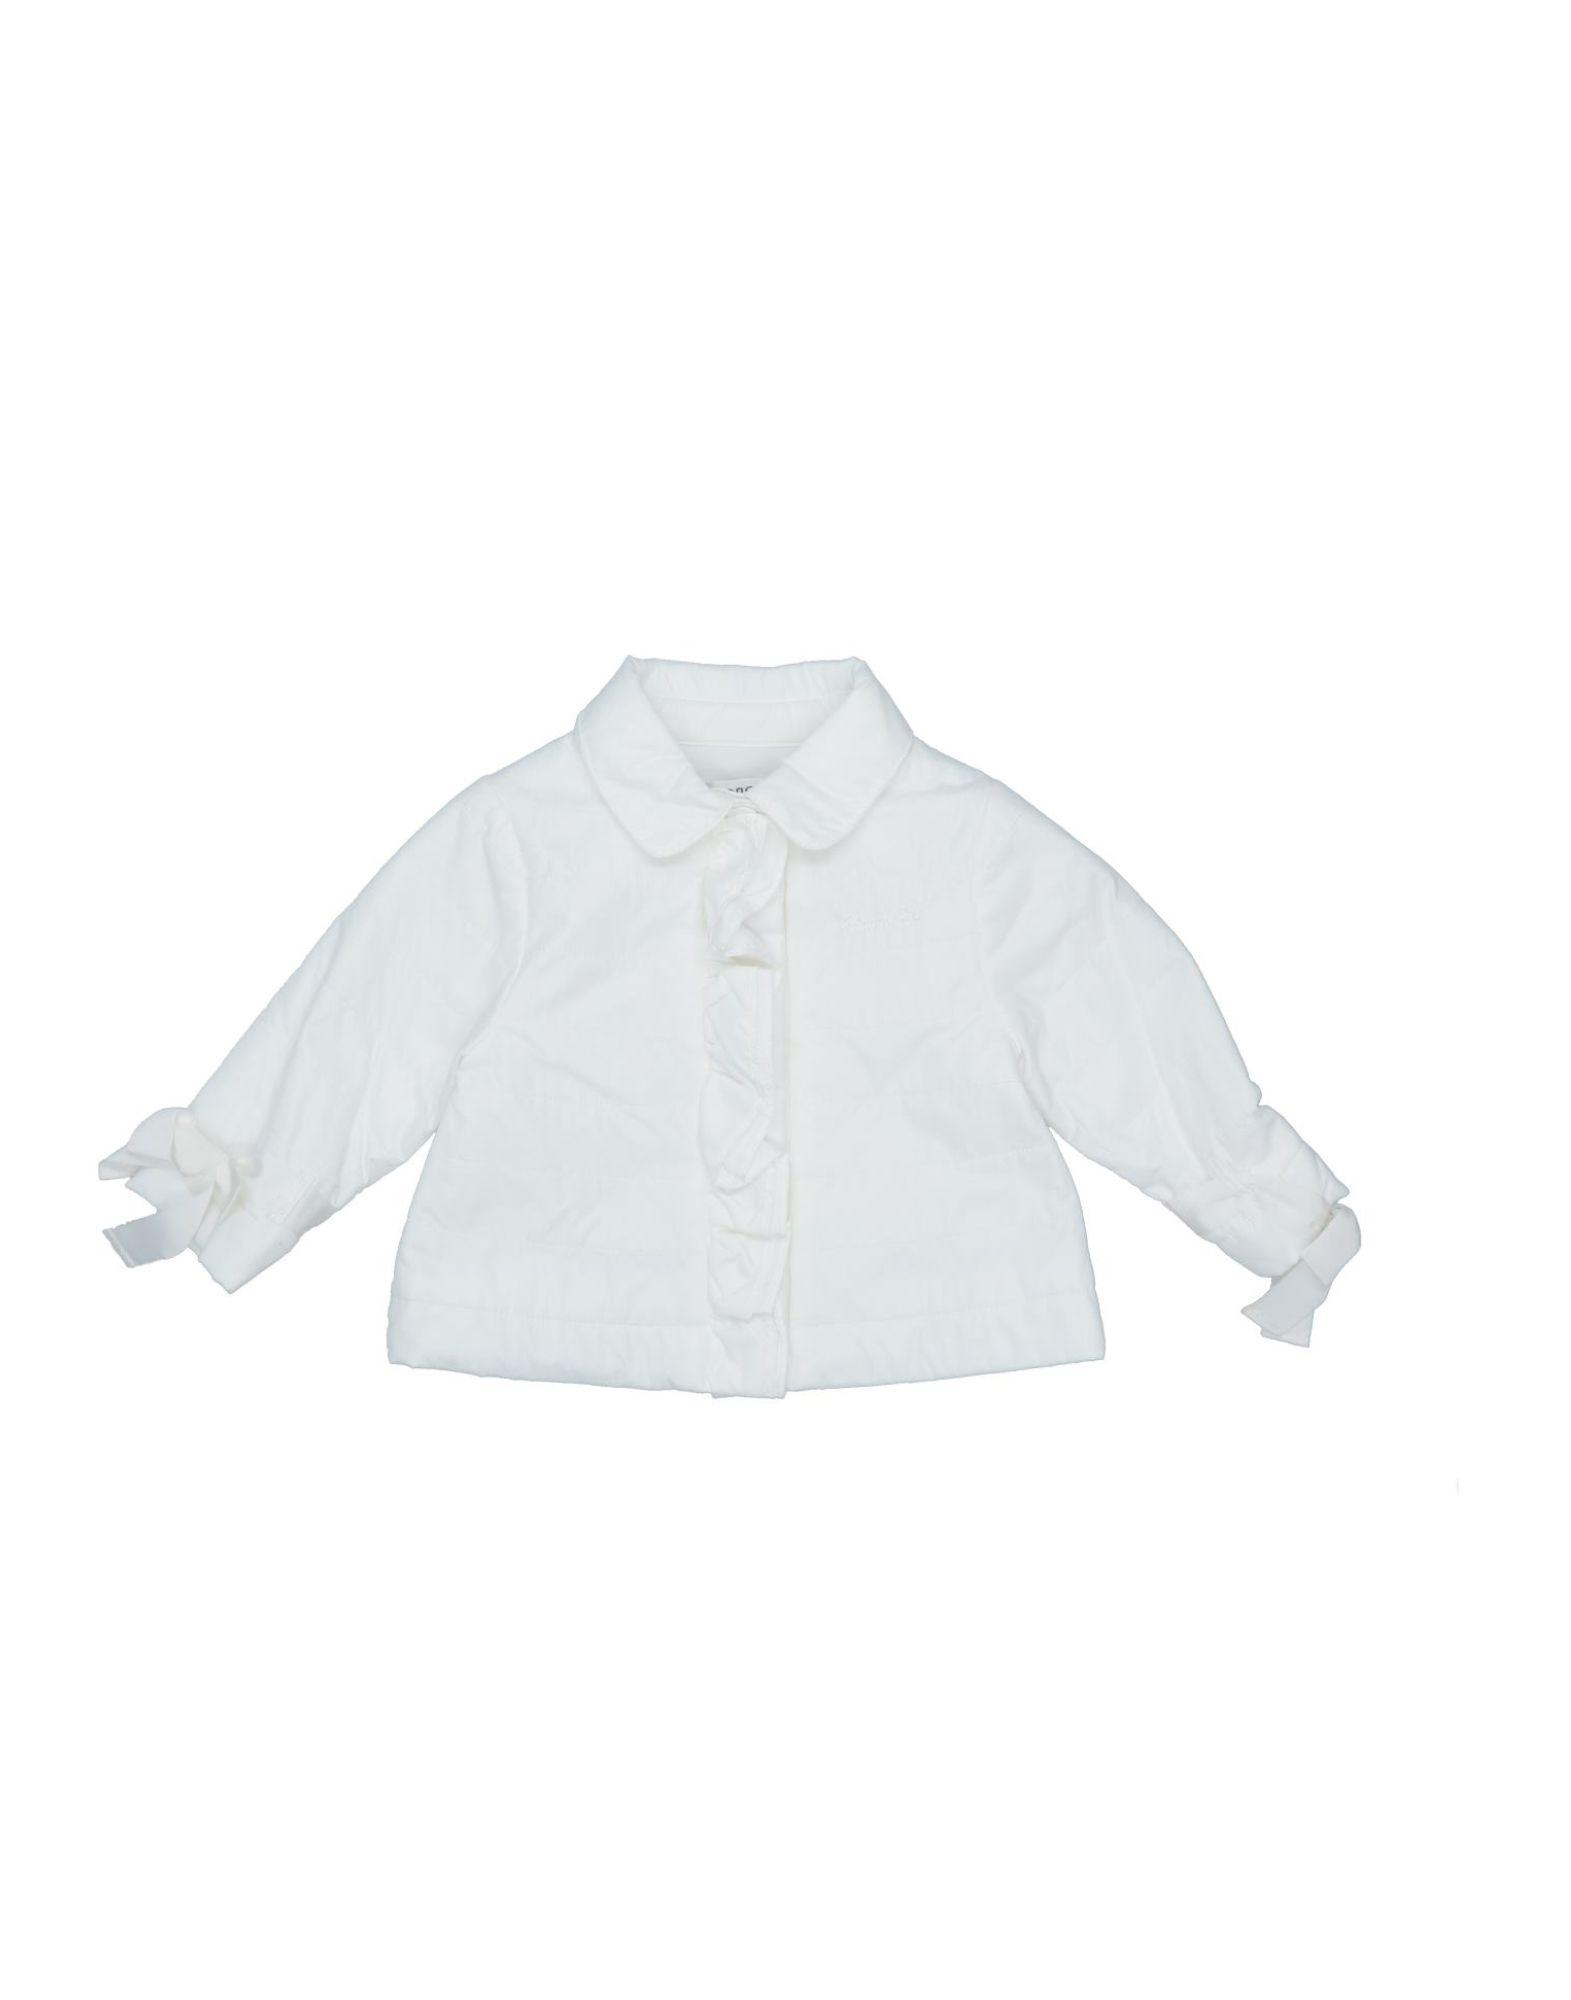 Фото - SIMONETTA TINY Куртка simonetta tiny pубашка